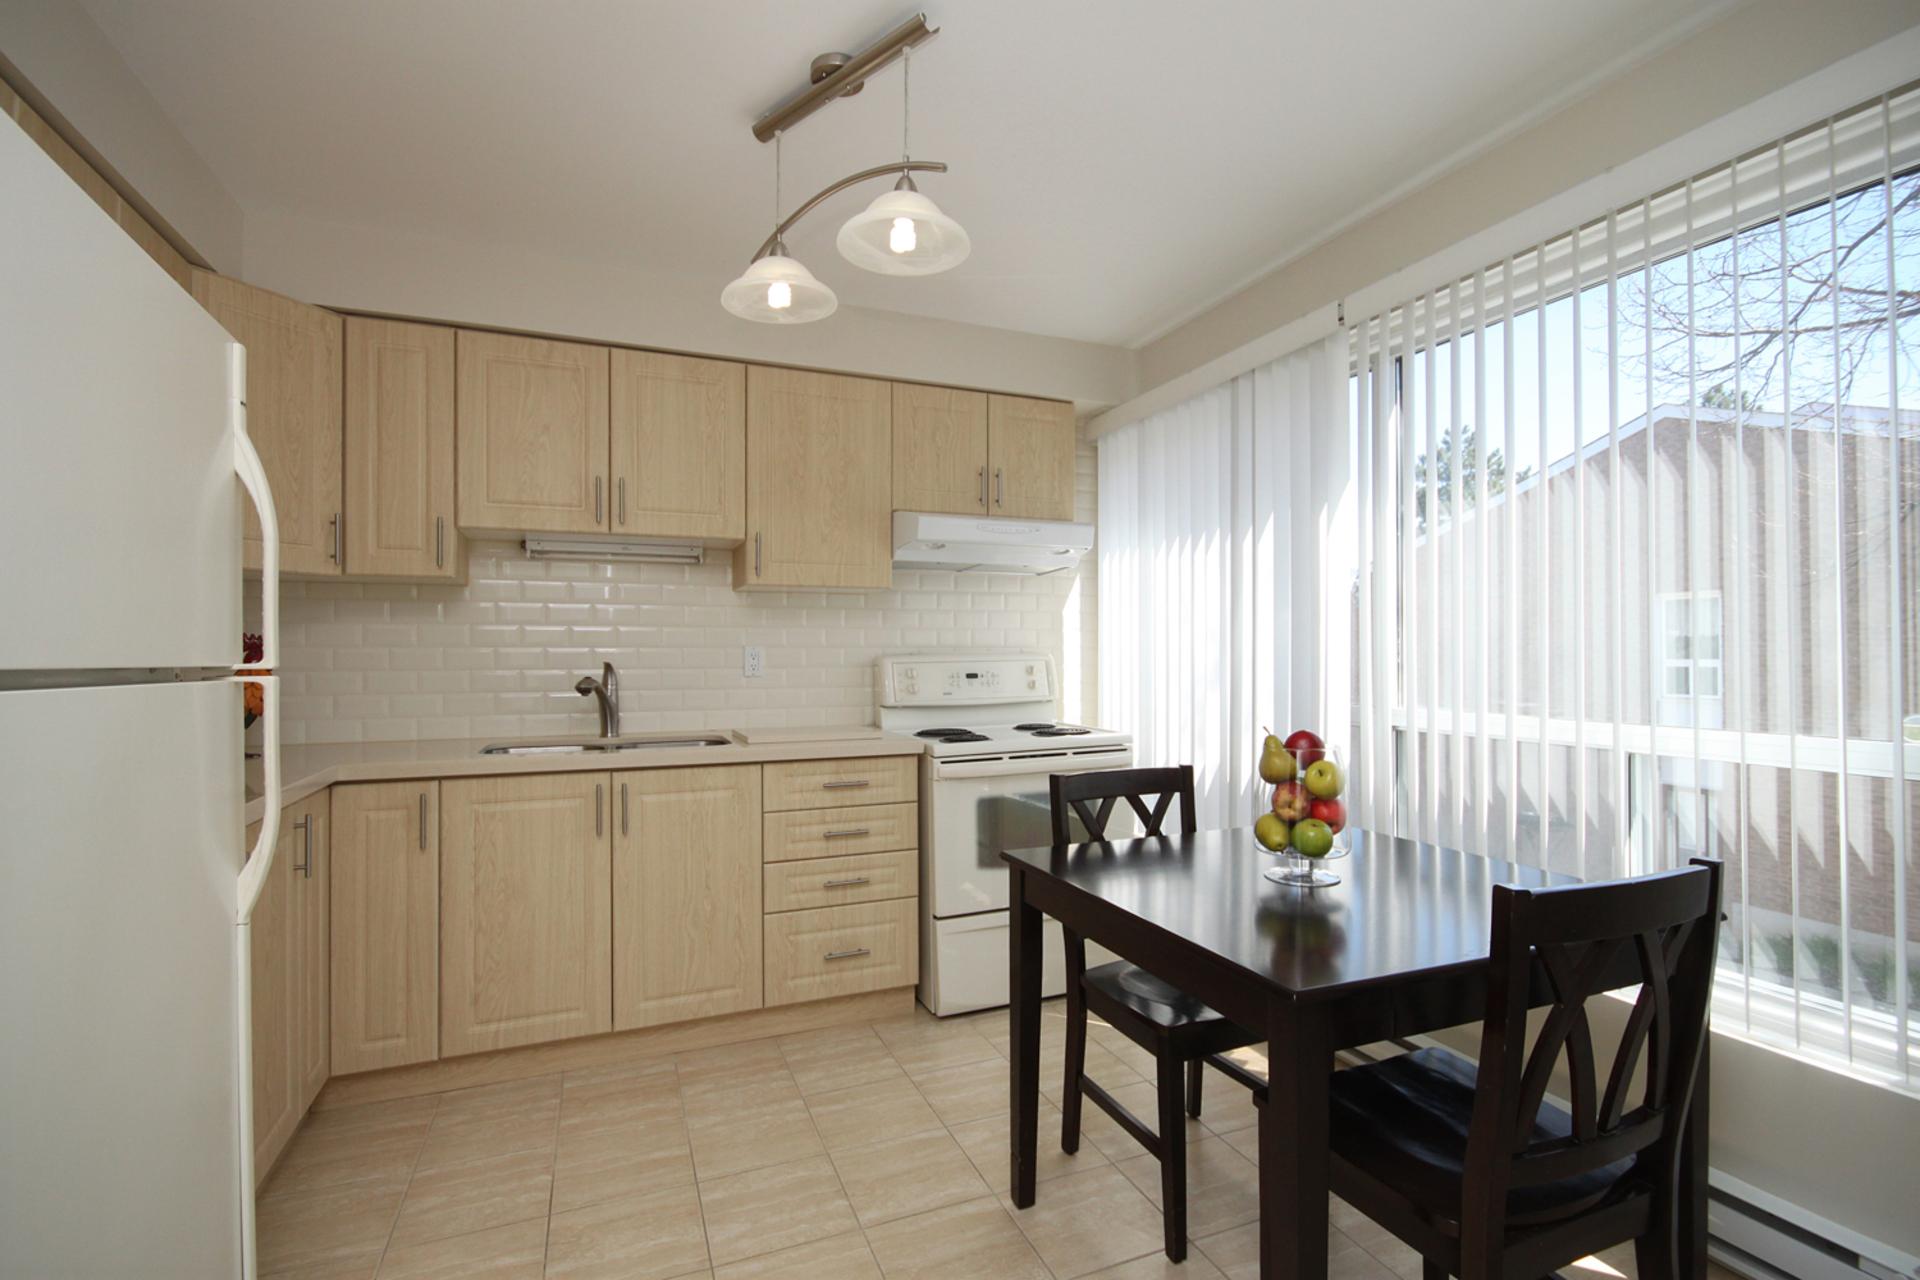 Kitchen at 3 - 3409 St. Clair Avenue E, Clairlea-Birchmount, Toronto